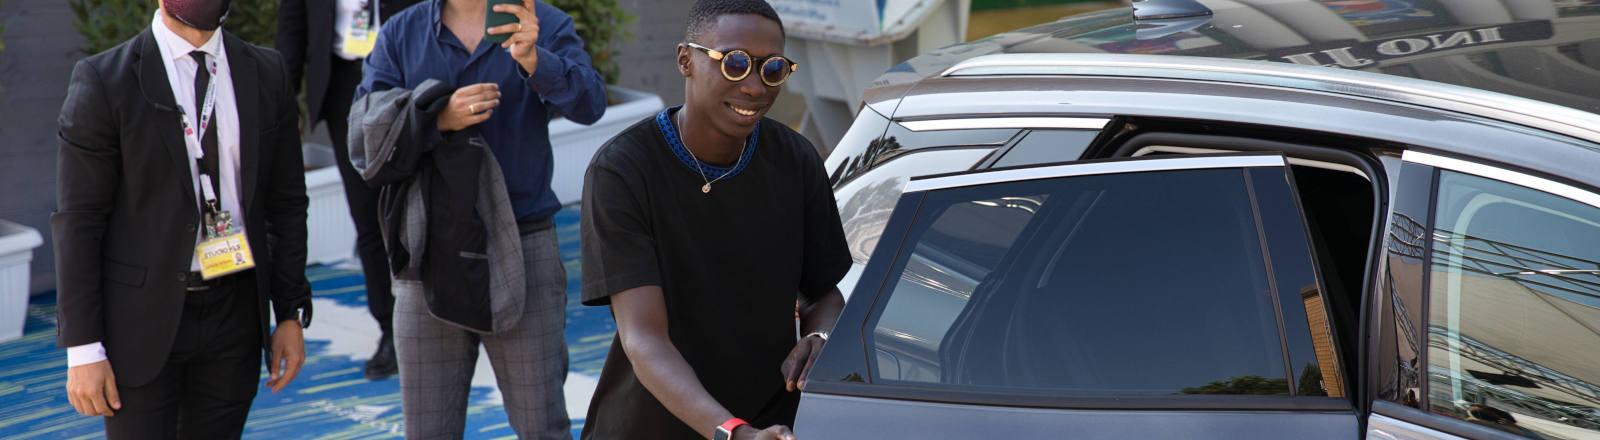 Khaby Lame steigt in ein Auto ein